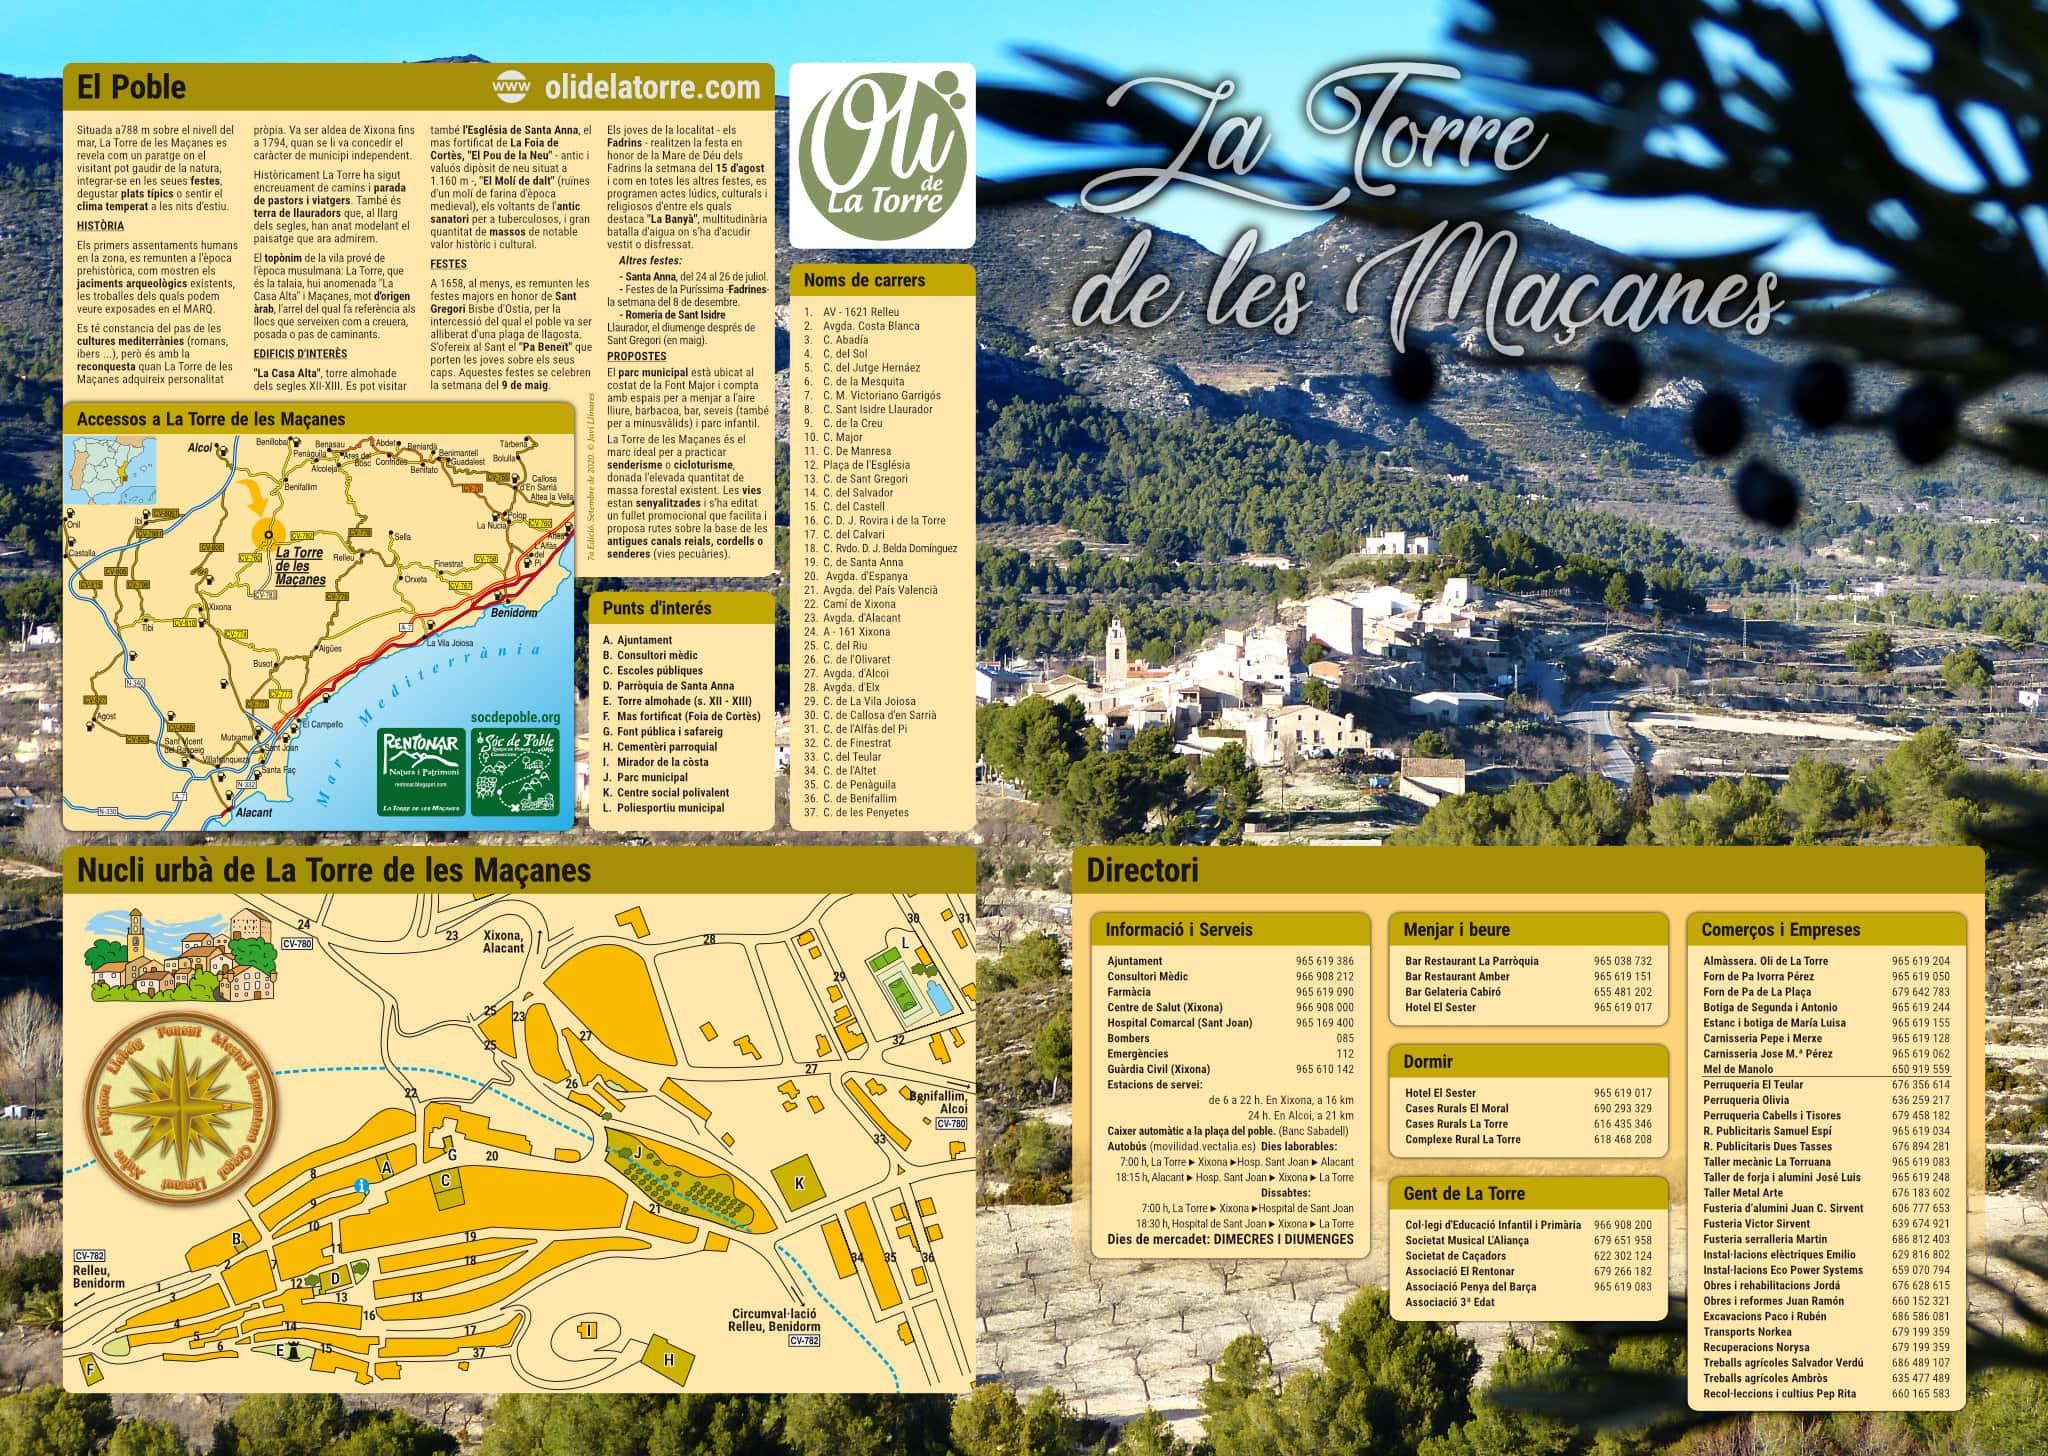 1 - Fullet de promoció de La Torre de les Maçanes. Primera cara.